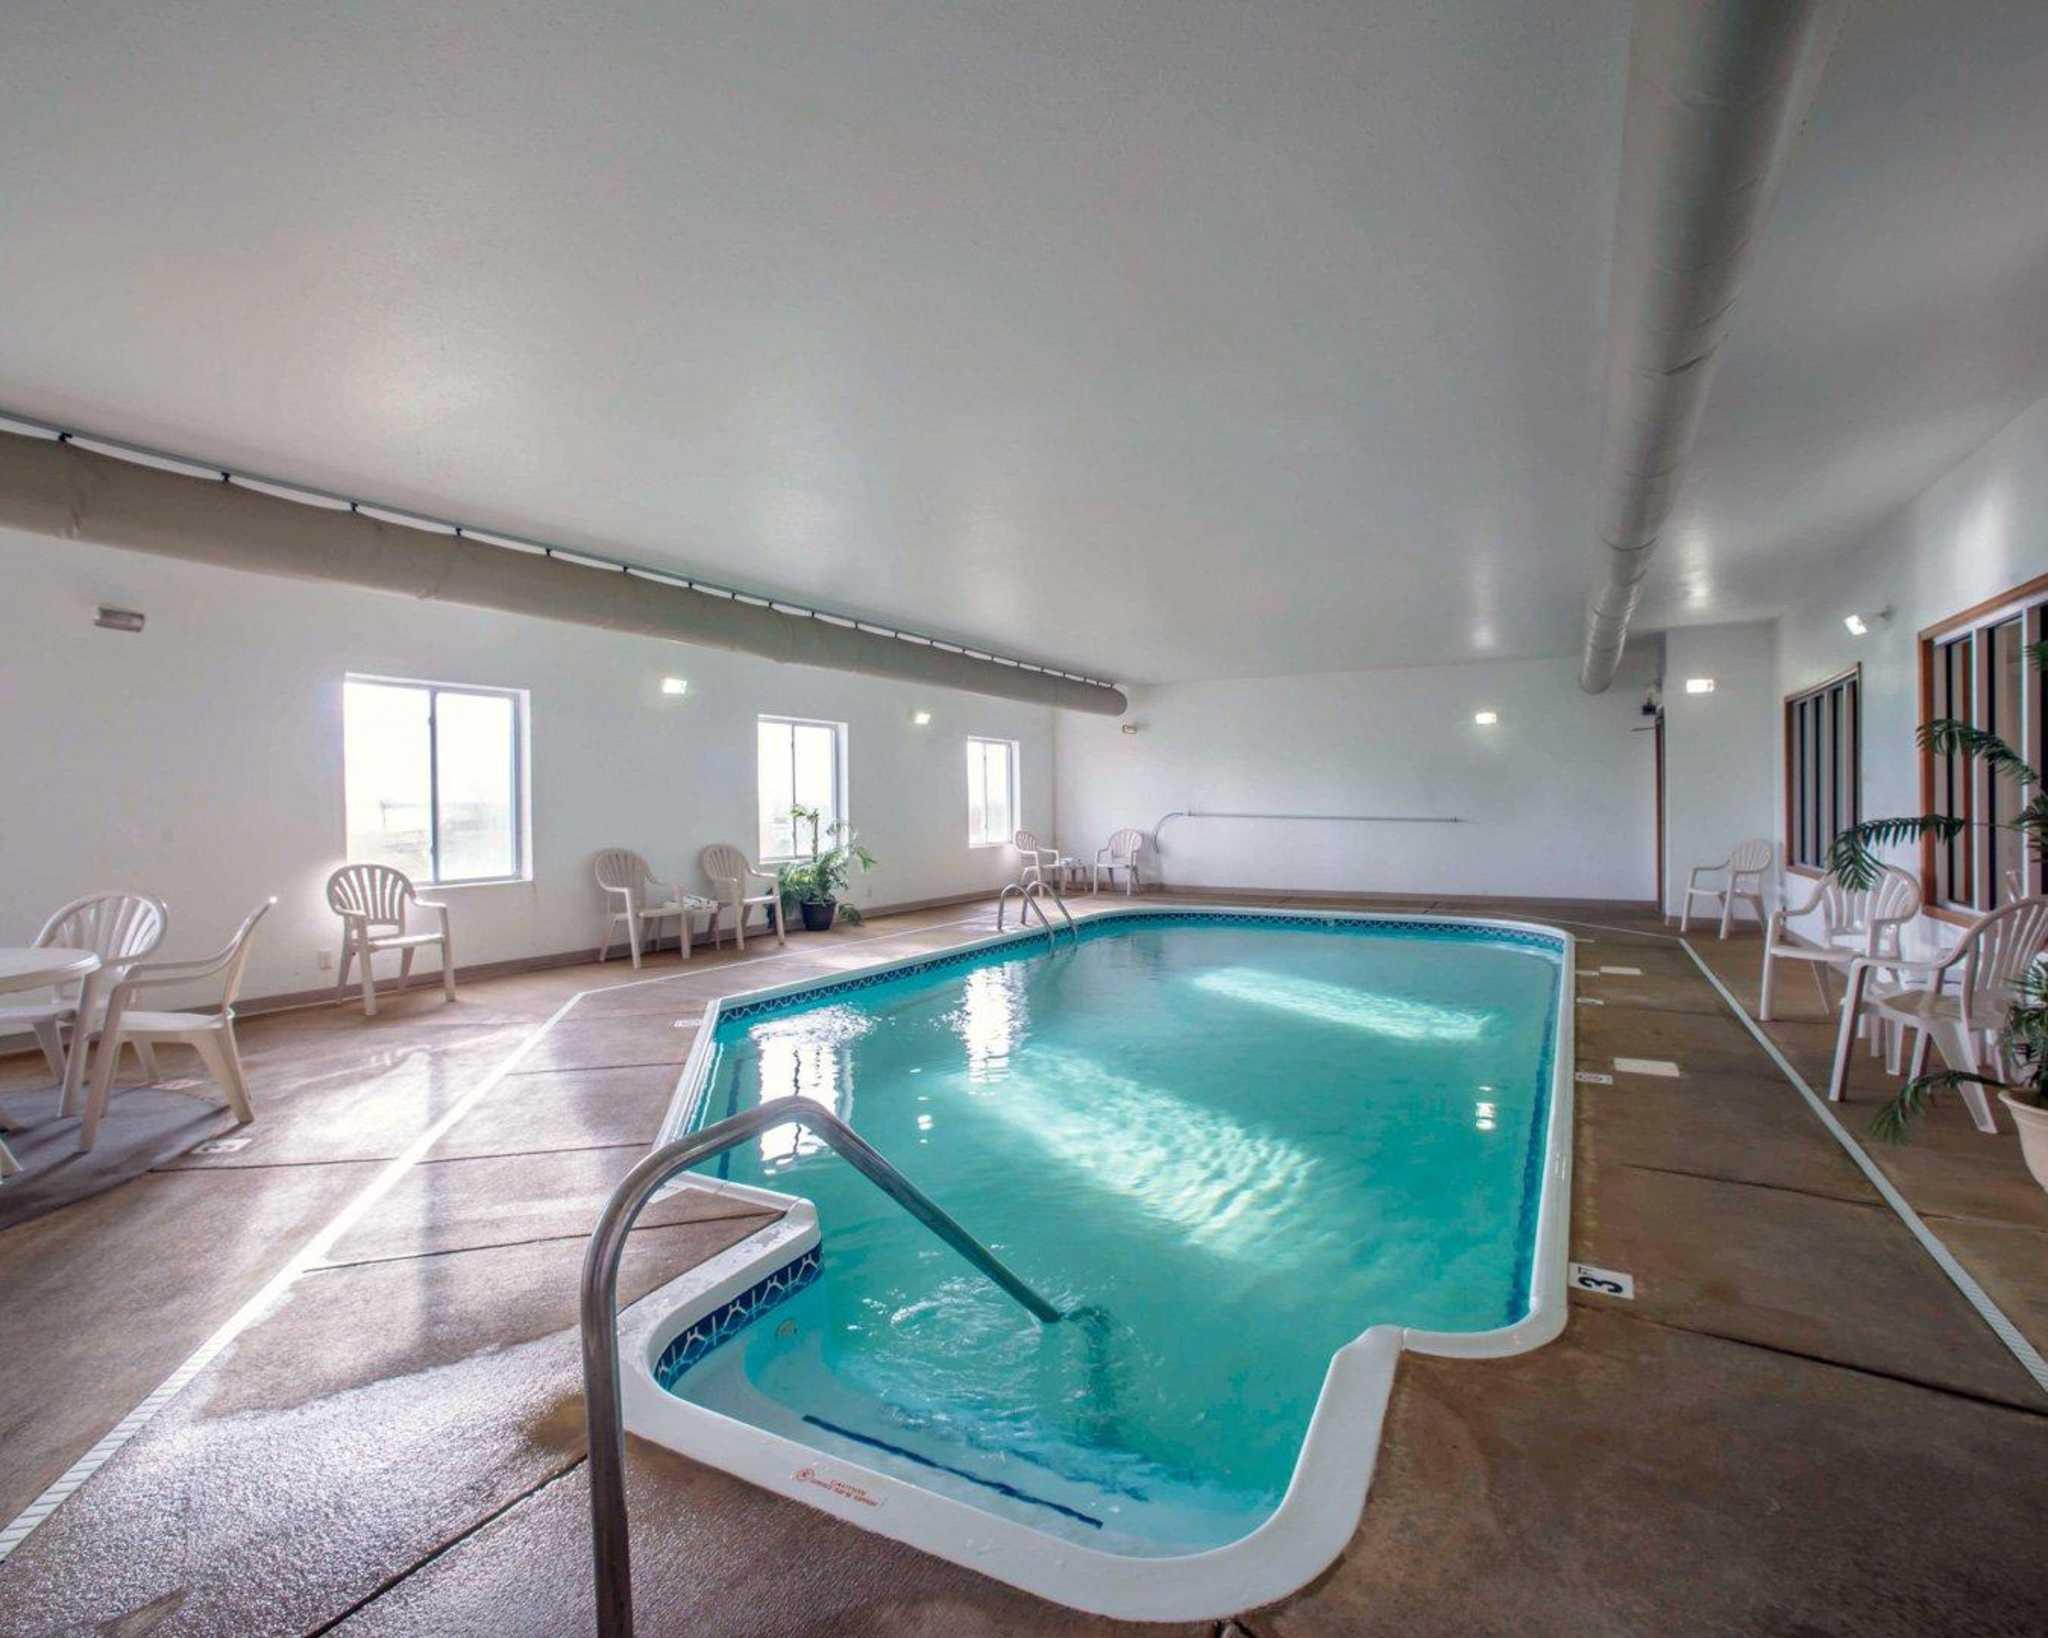 Comfort Inn & Suites Greenville I-70 image 23